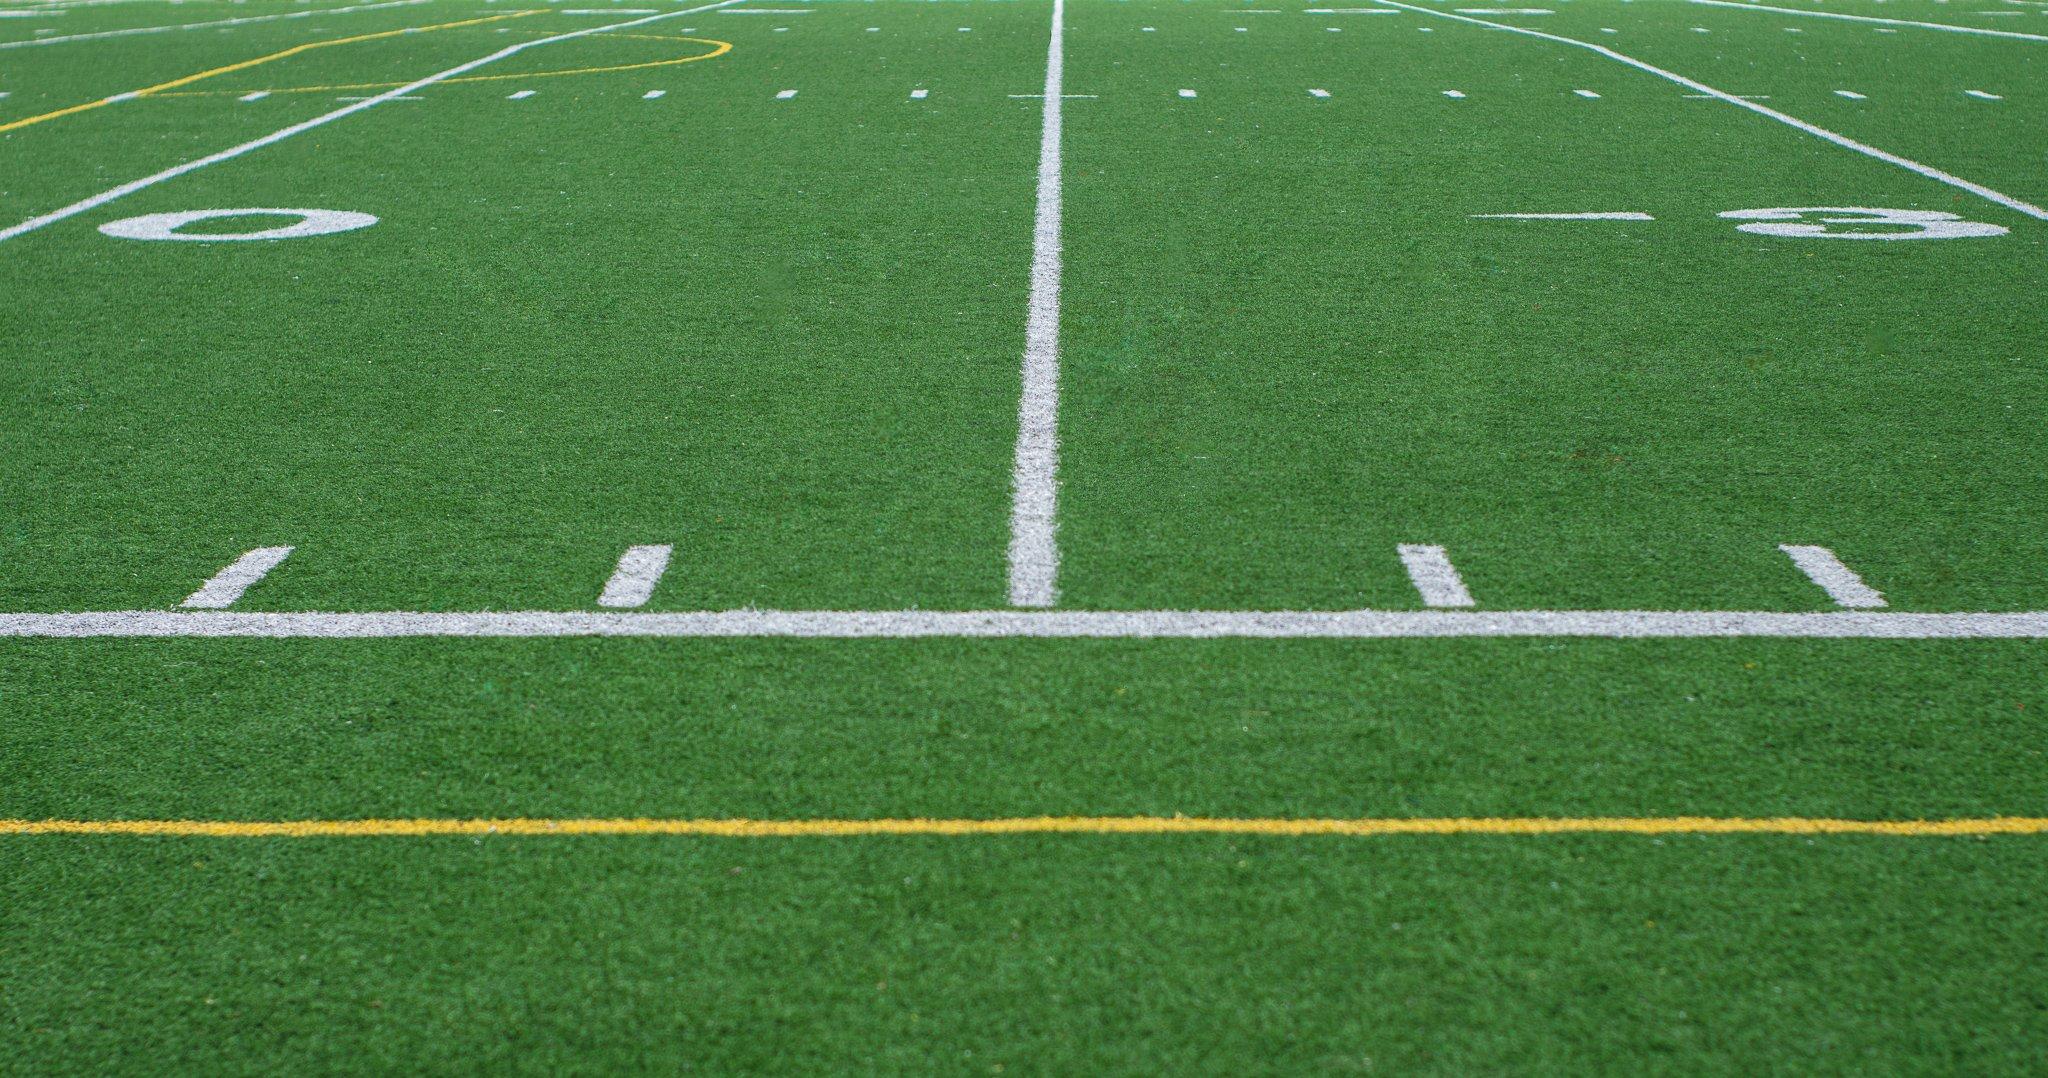 terrain football vert sidelines